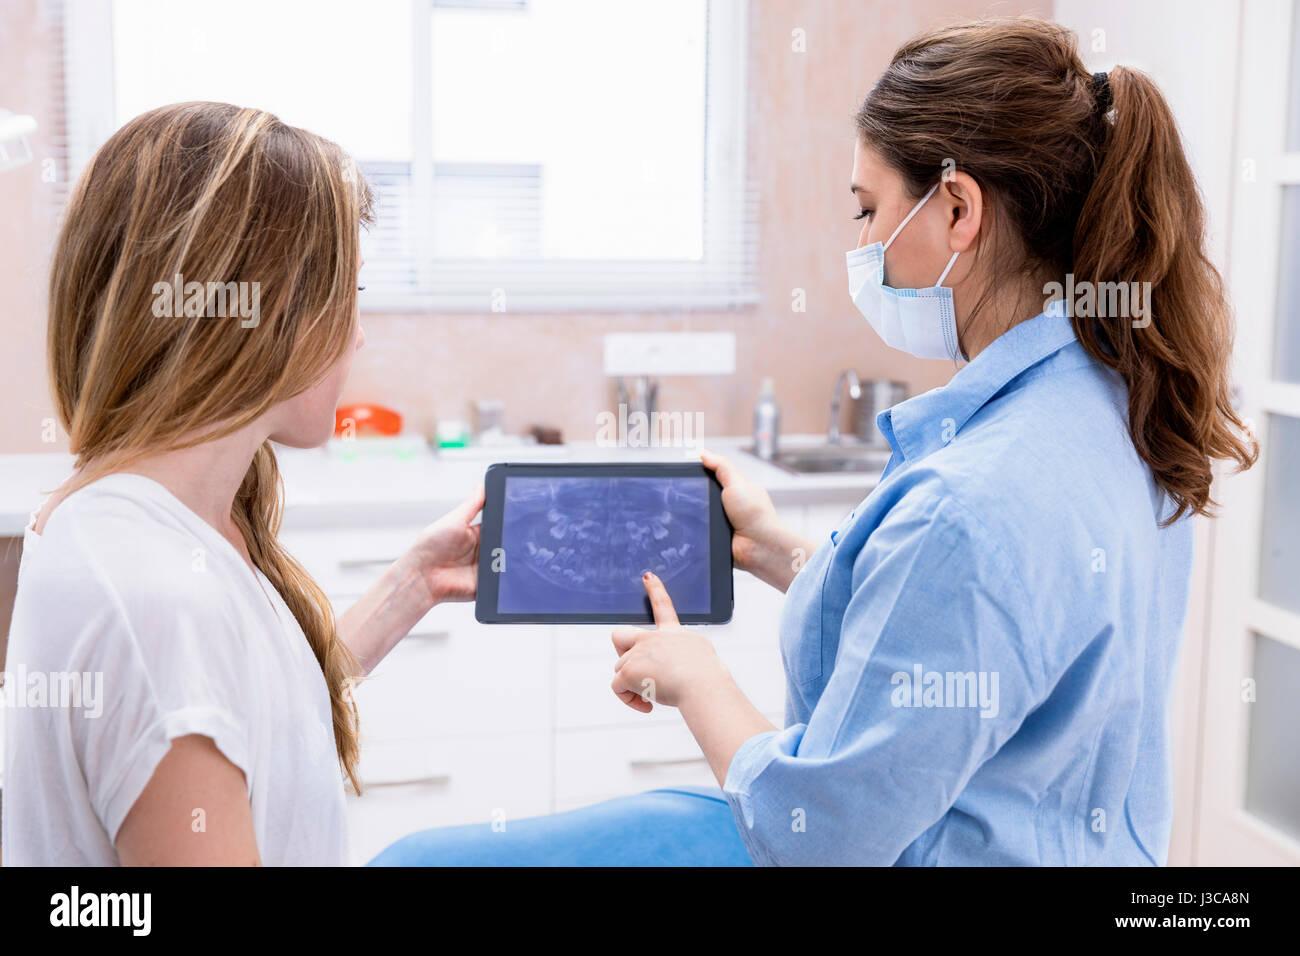 Dentista mostra teeht x-ray su tablet pc per donna paziente presso la clinica dentale office Immagini Stock